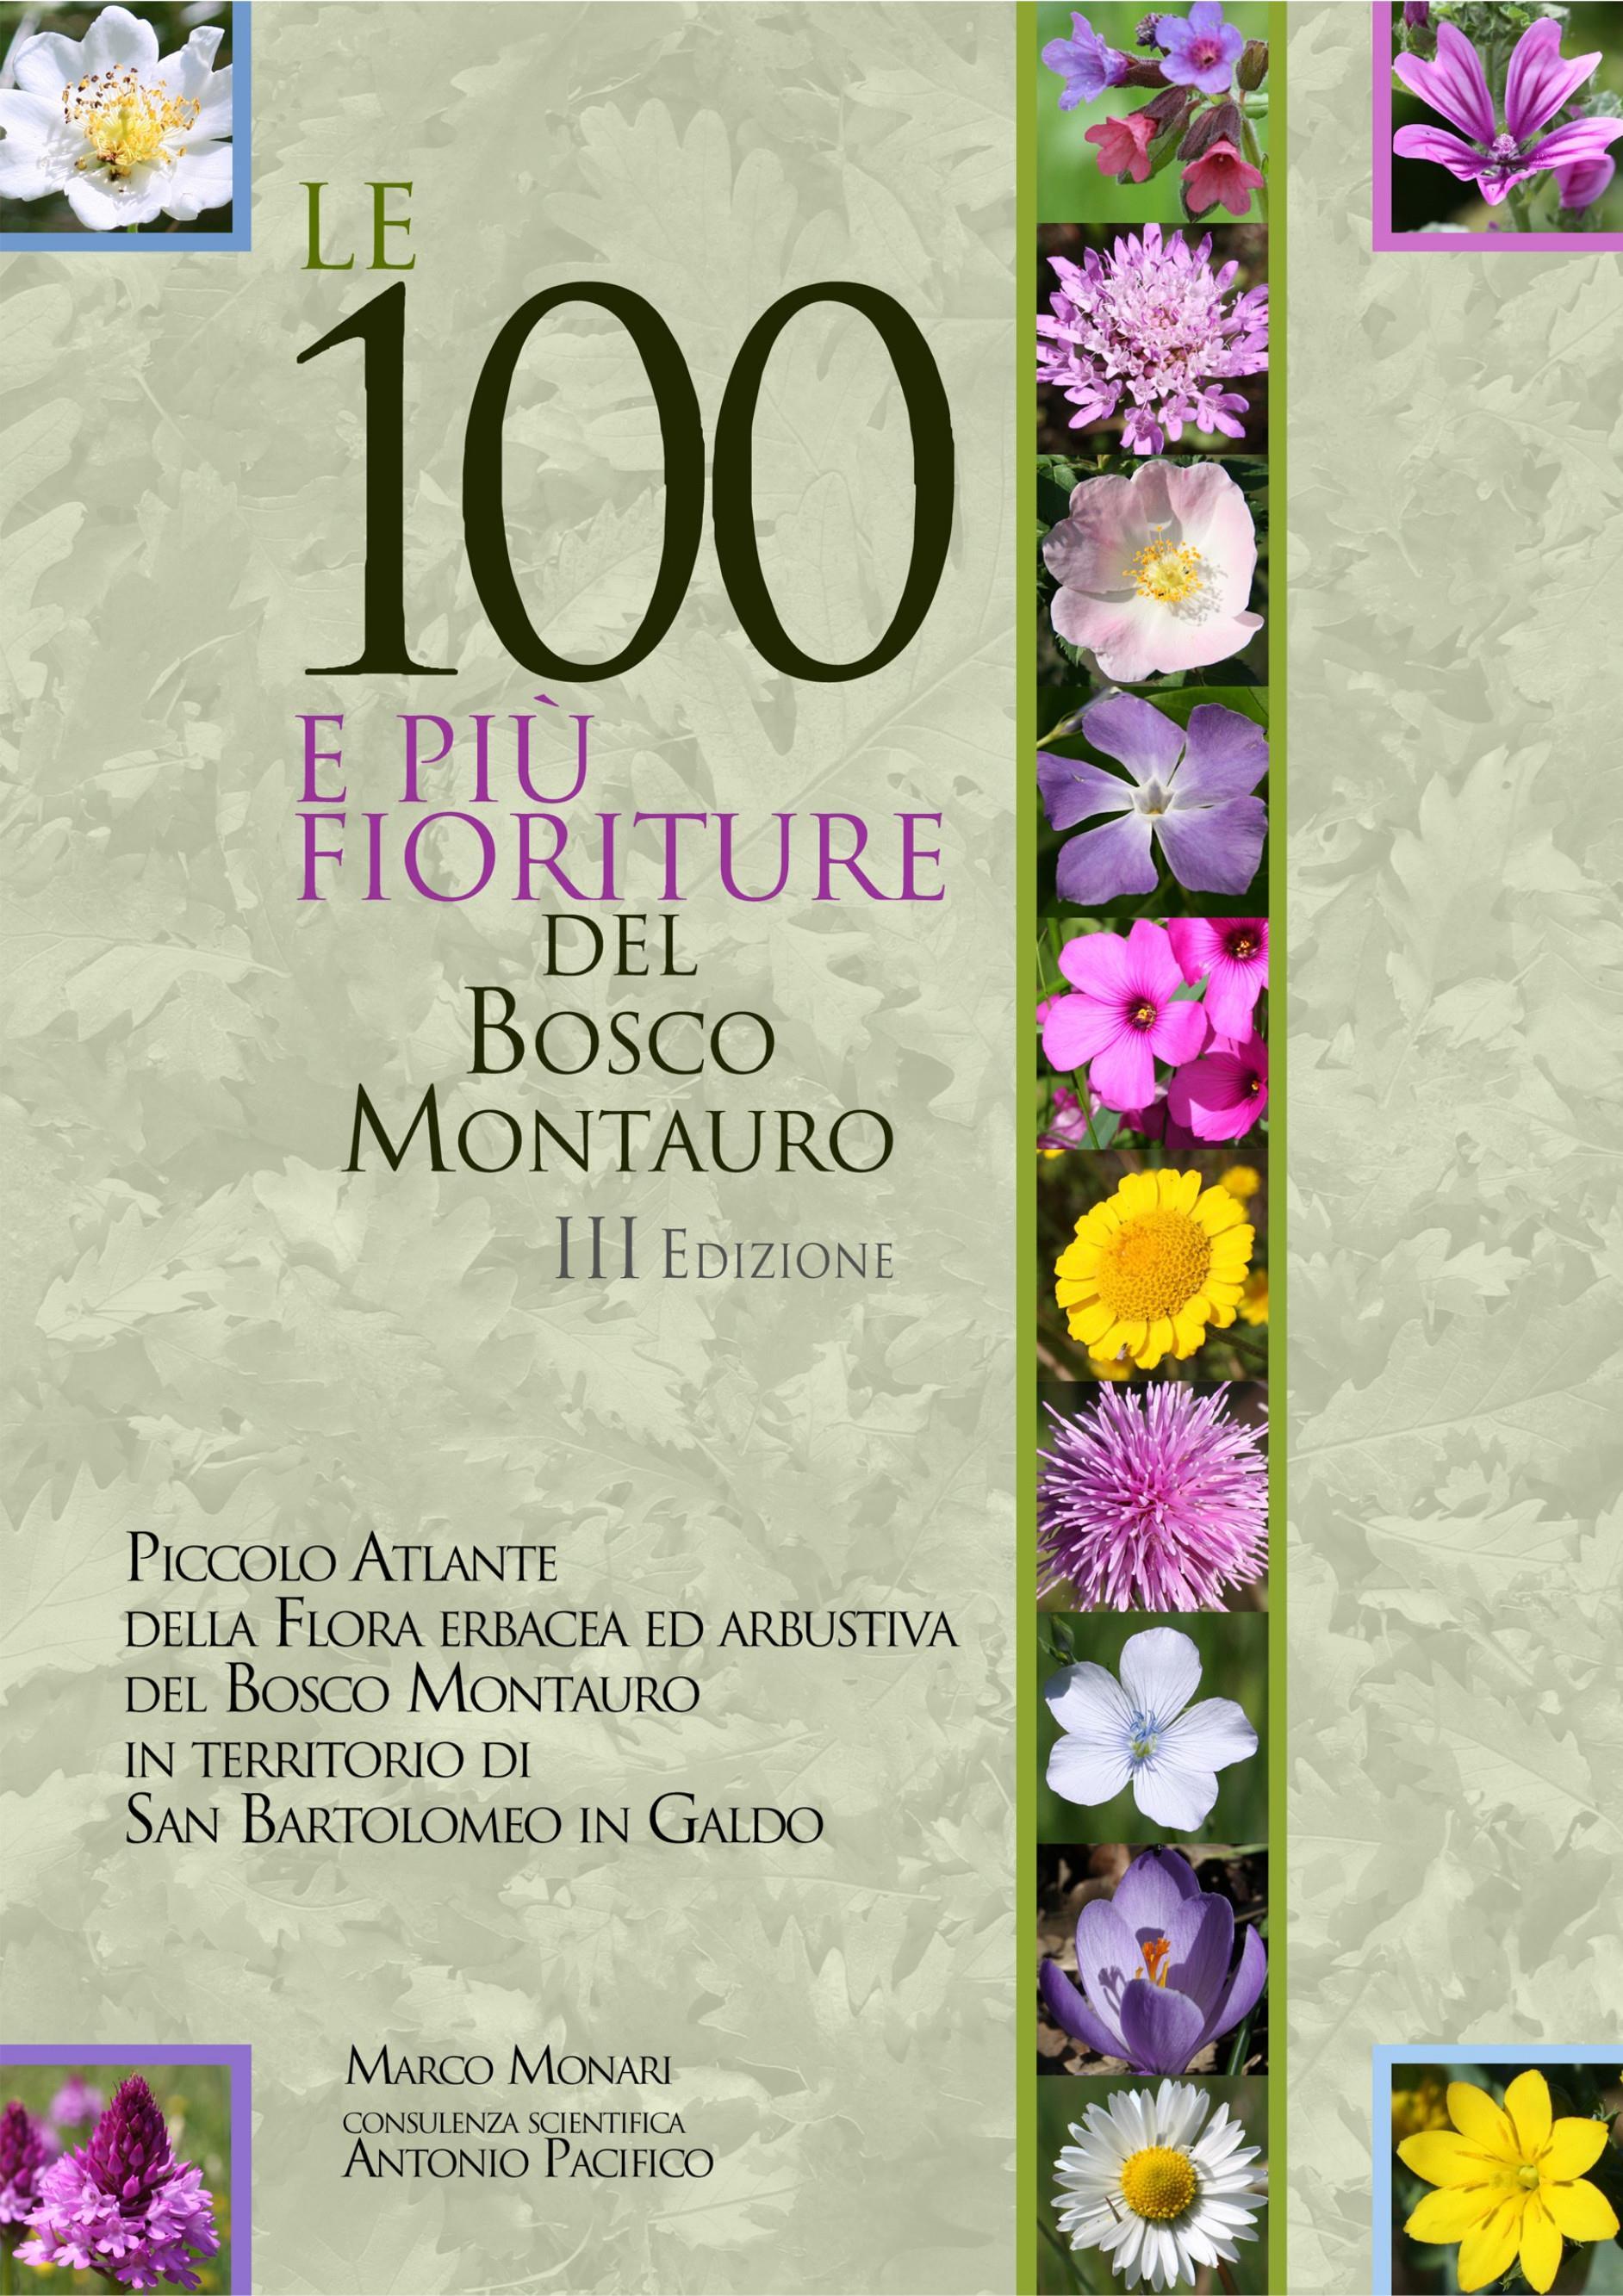 Le 100 e più fioriture del Bosco Montauro - III Edizione